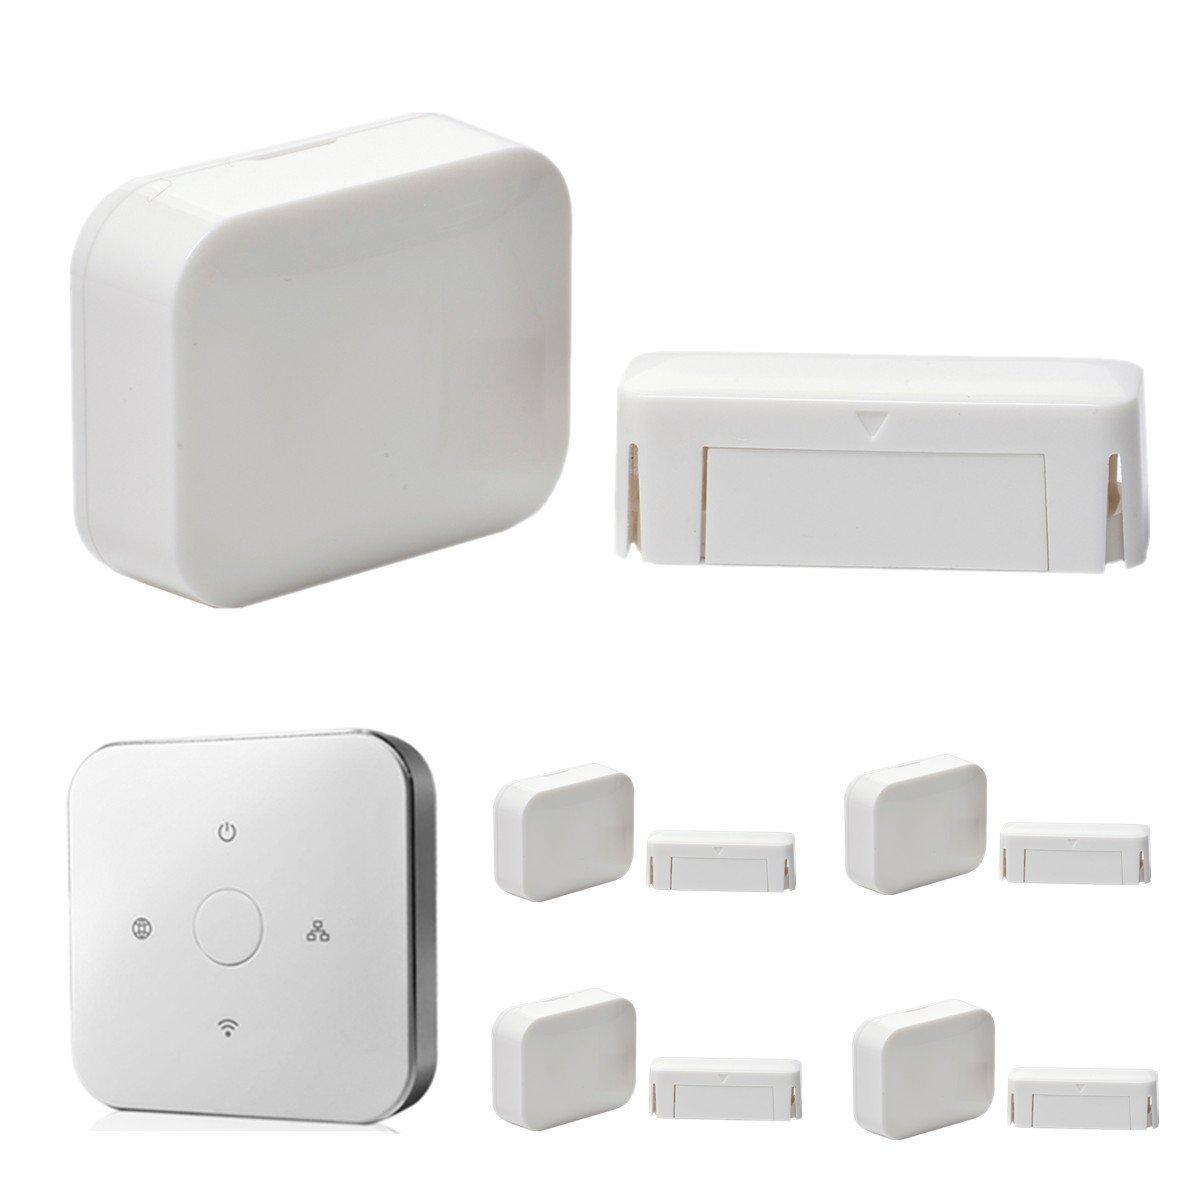 iHomeware Door/Window Sensor, Zigbee Smartphone Android/IOS Wireless Controlled Security Door Contact 5/pack with Gateway